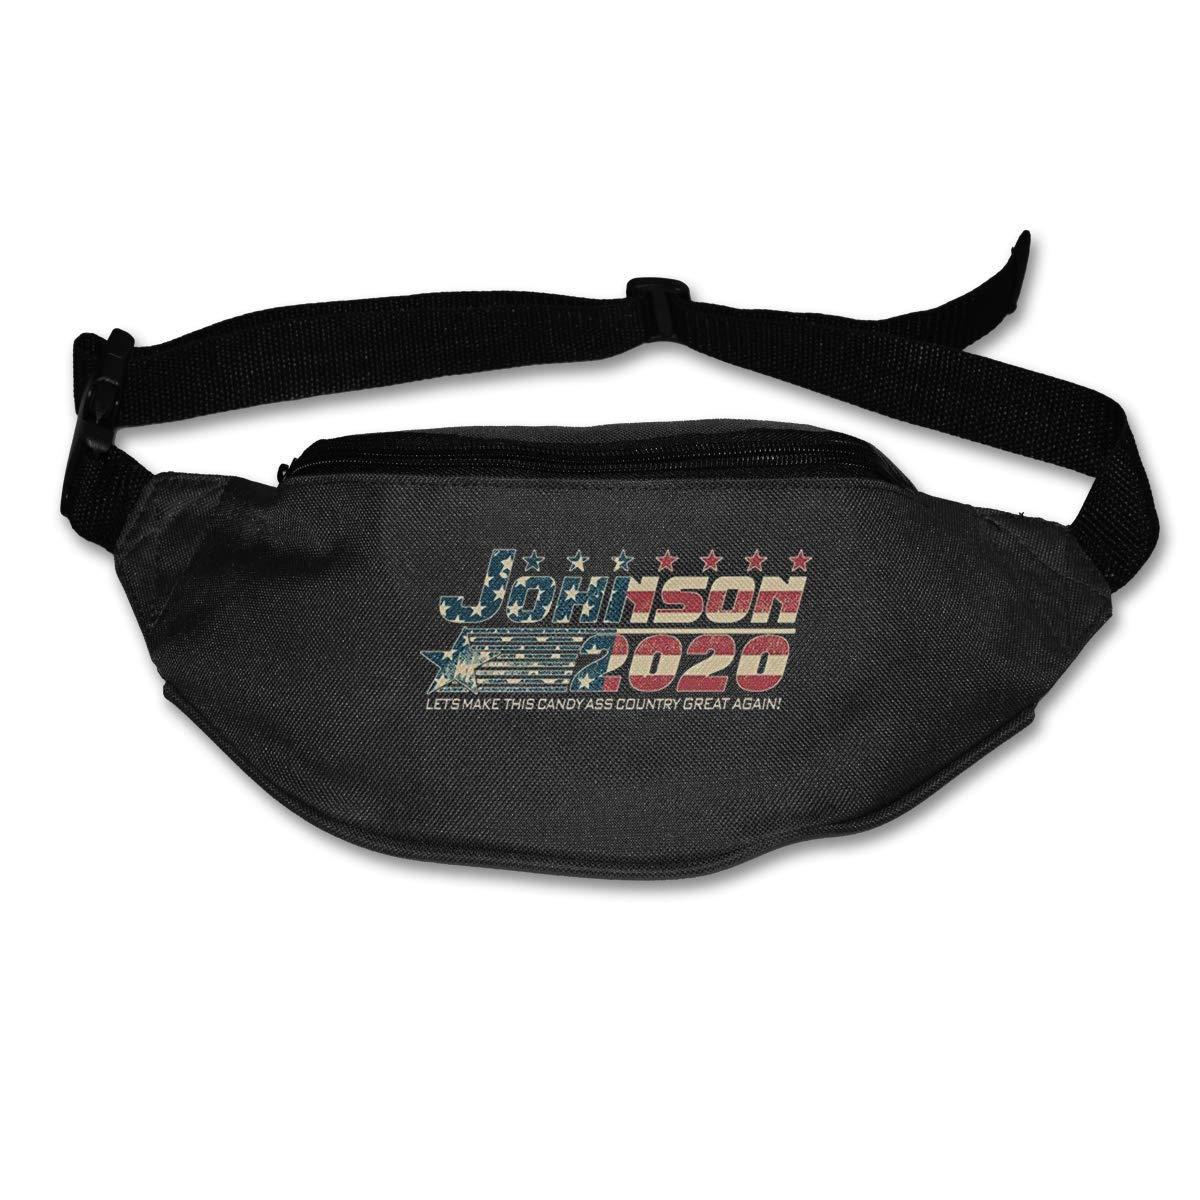 Rock-Johnson-for-President-2020 Pack Waist Bag Travel Pocket Sling Chest Shoulder Bag Phone Holder Running Belt With Separate Pockets